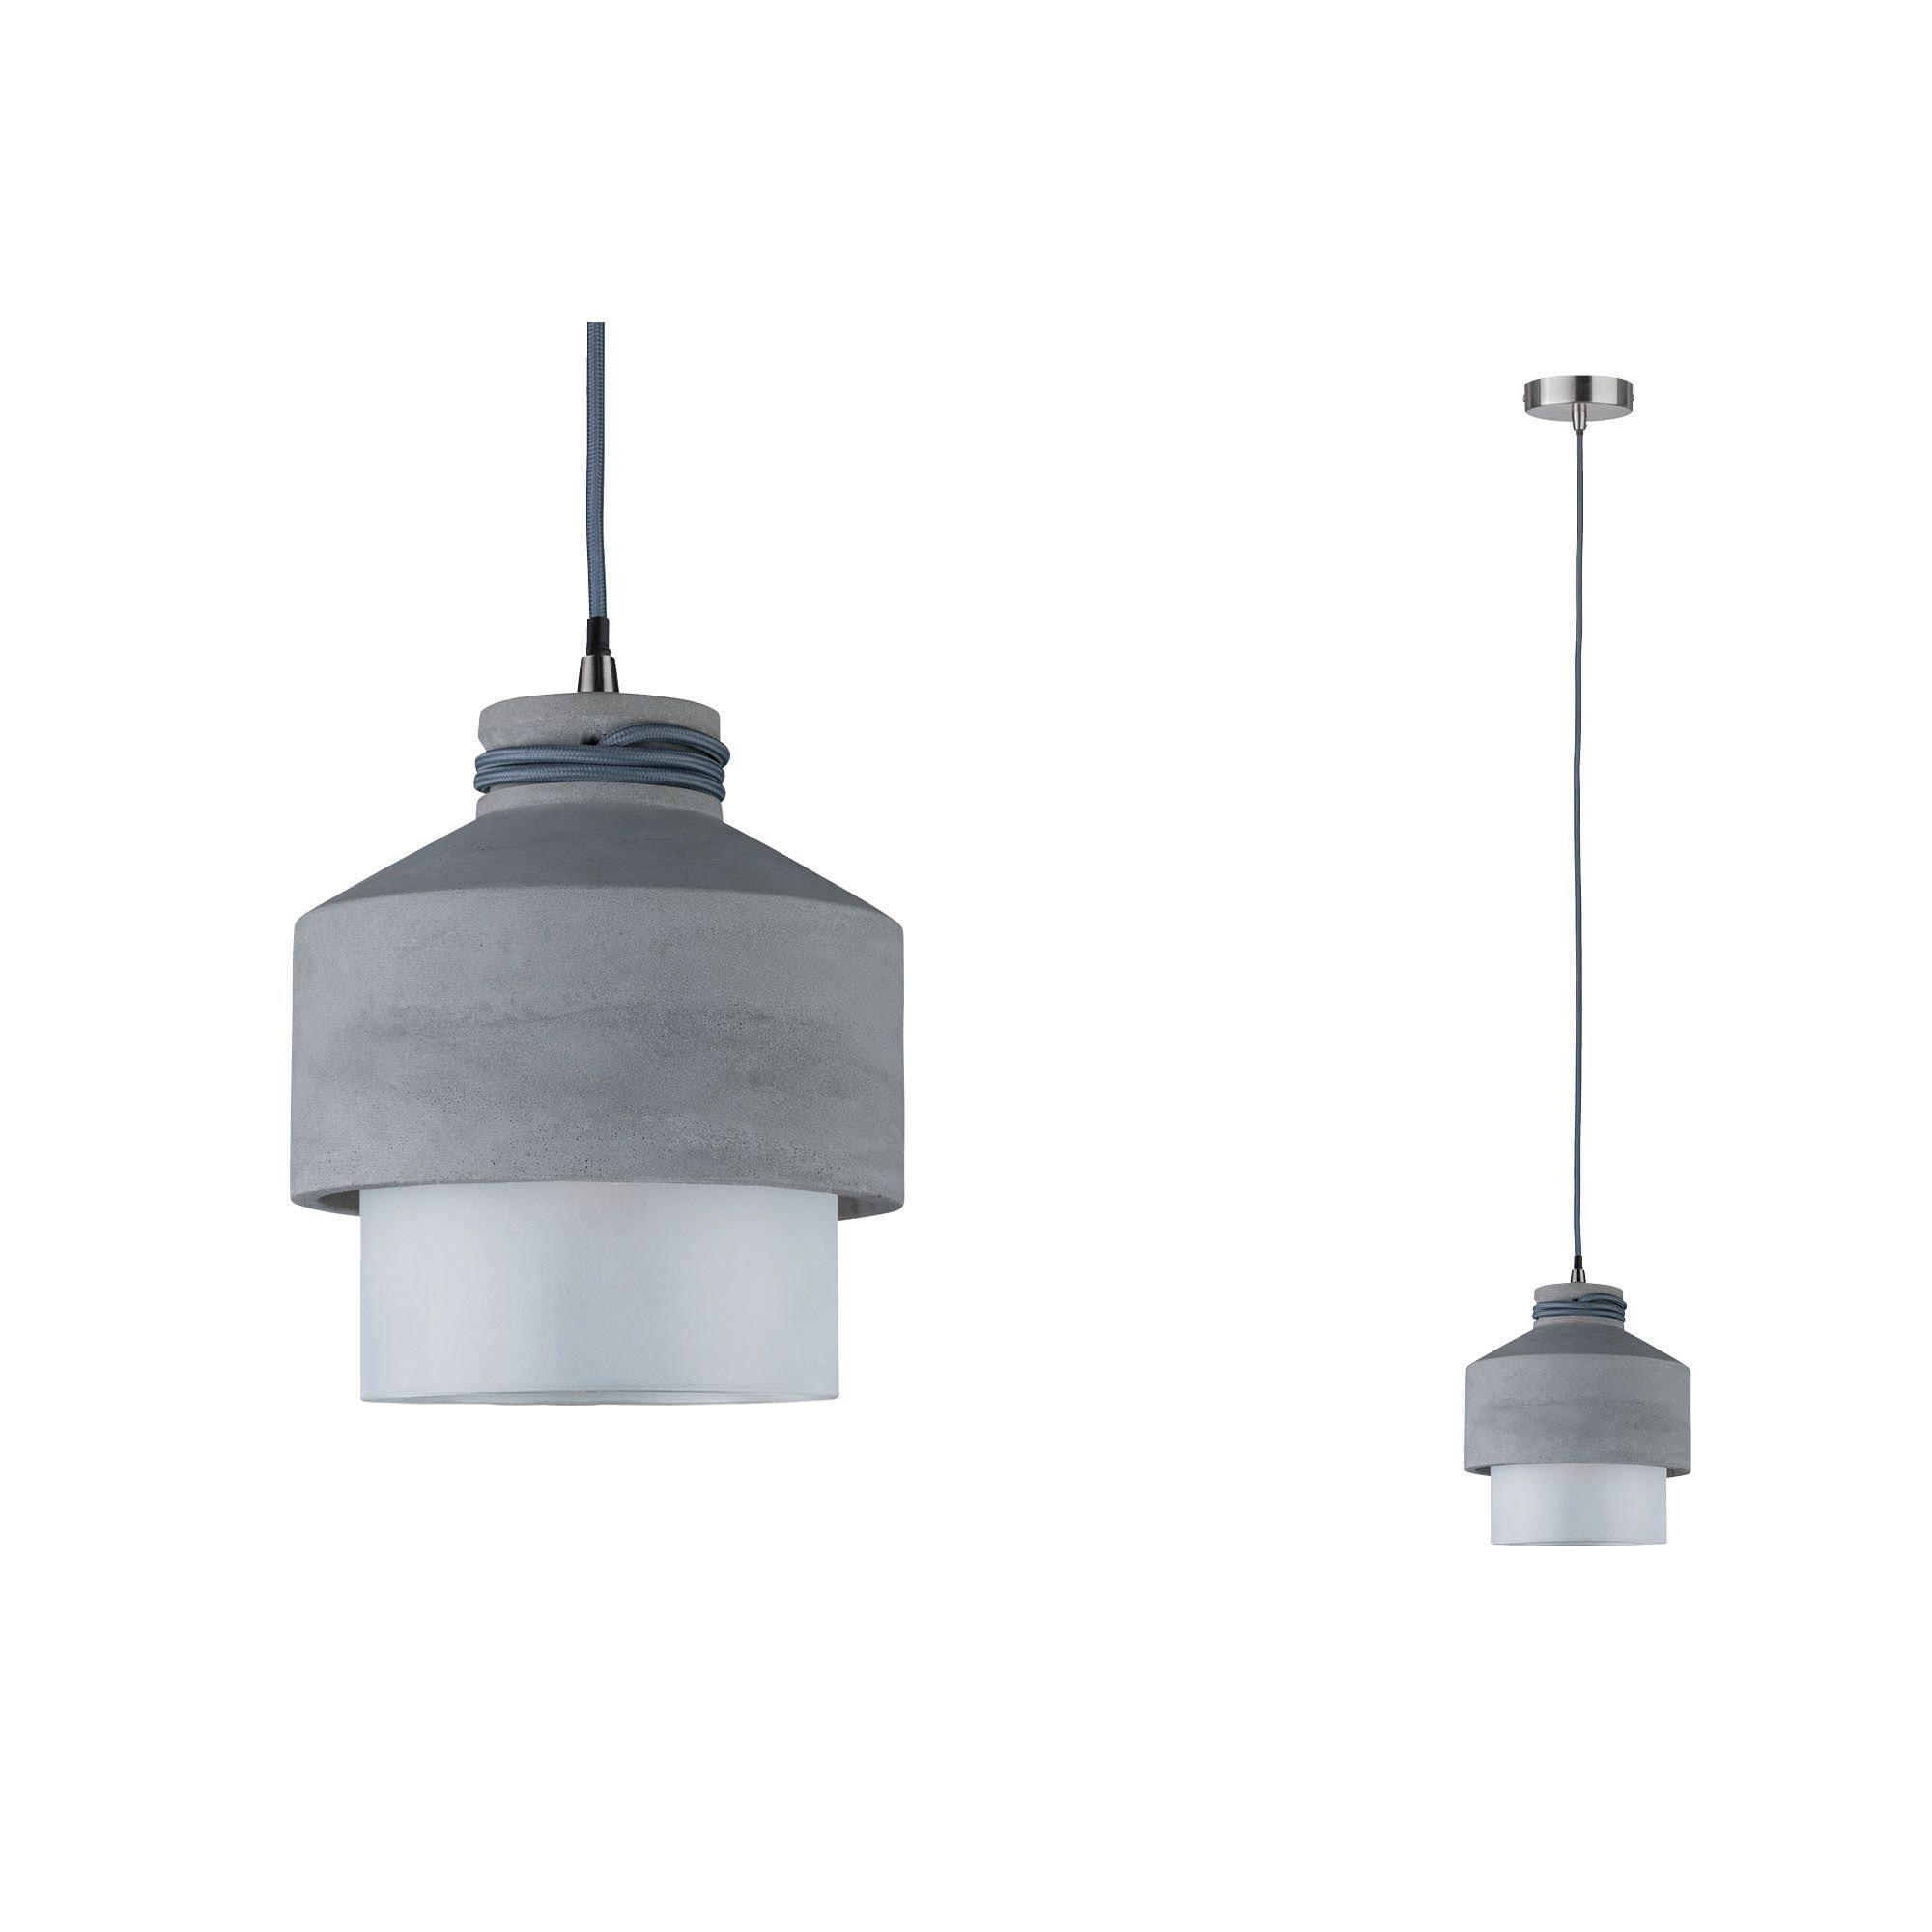 Paulmann,LED Pendelleuchte Neordic Helin Glas/Beton